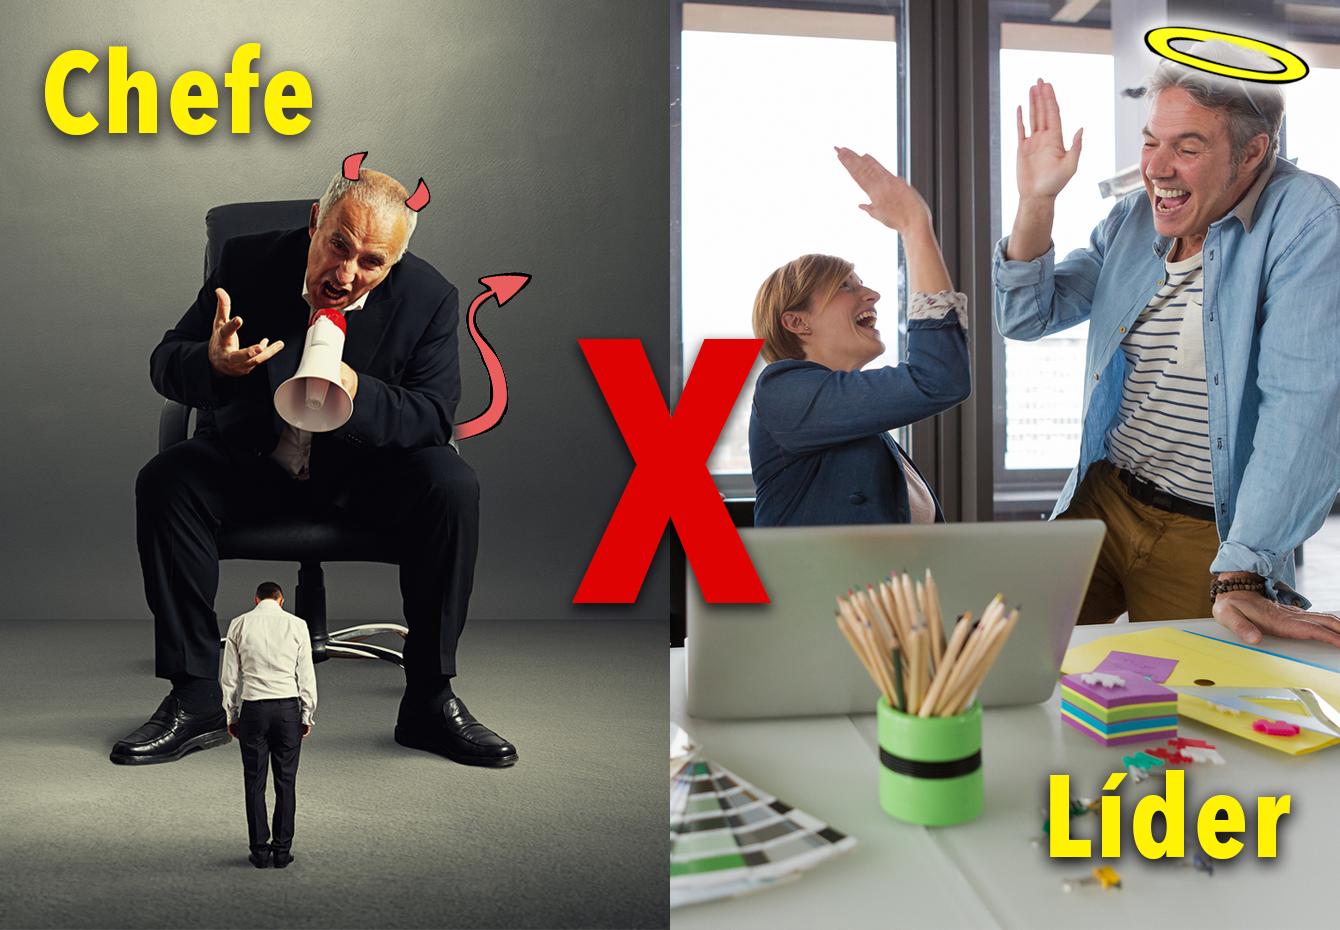 Líder X Chefe: apostar na liderança traz bons resultados. BG Comunicação e Marketing